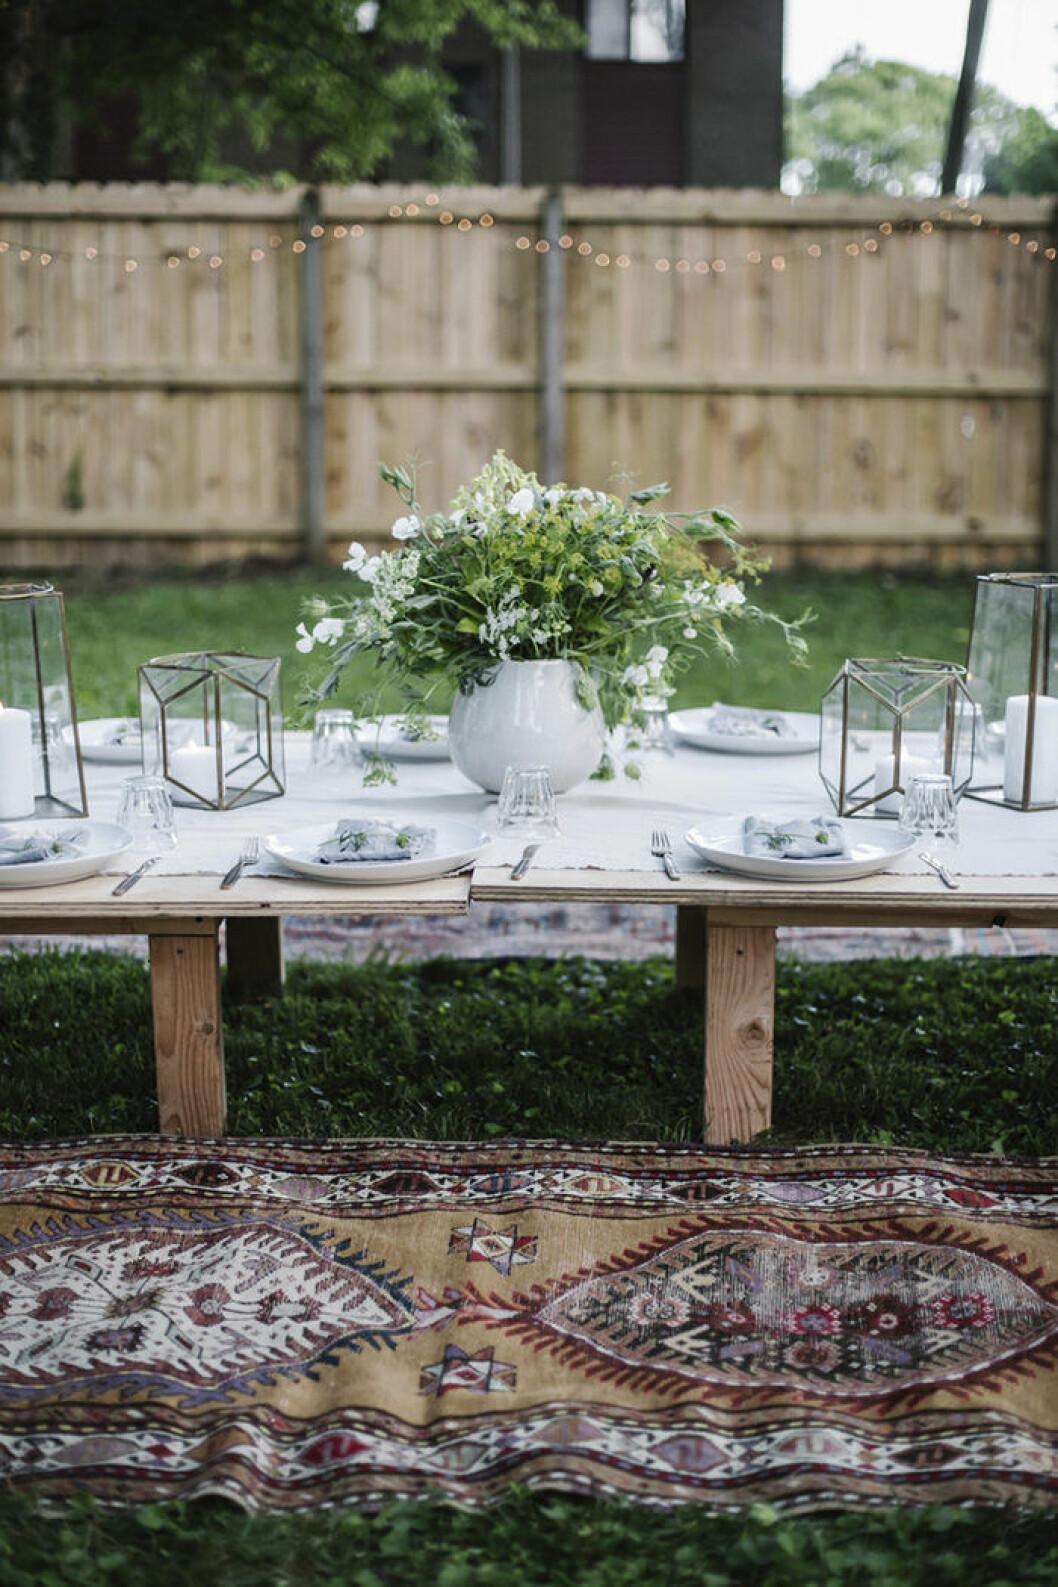 Duka lågt med ett lågt bord och mattor